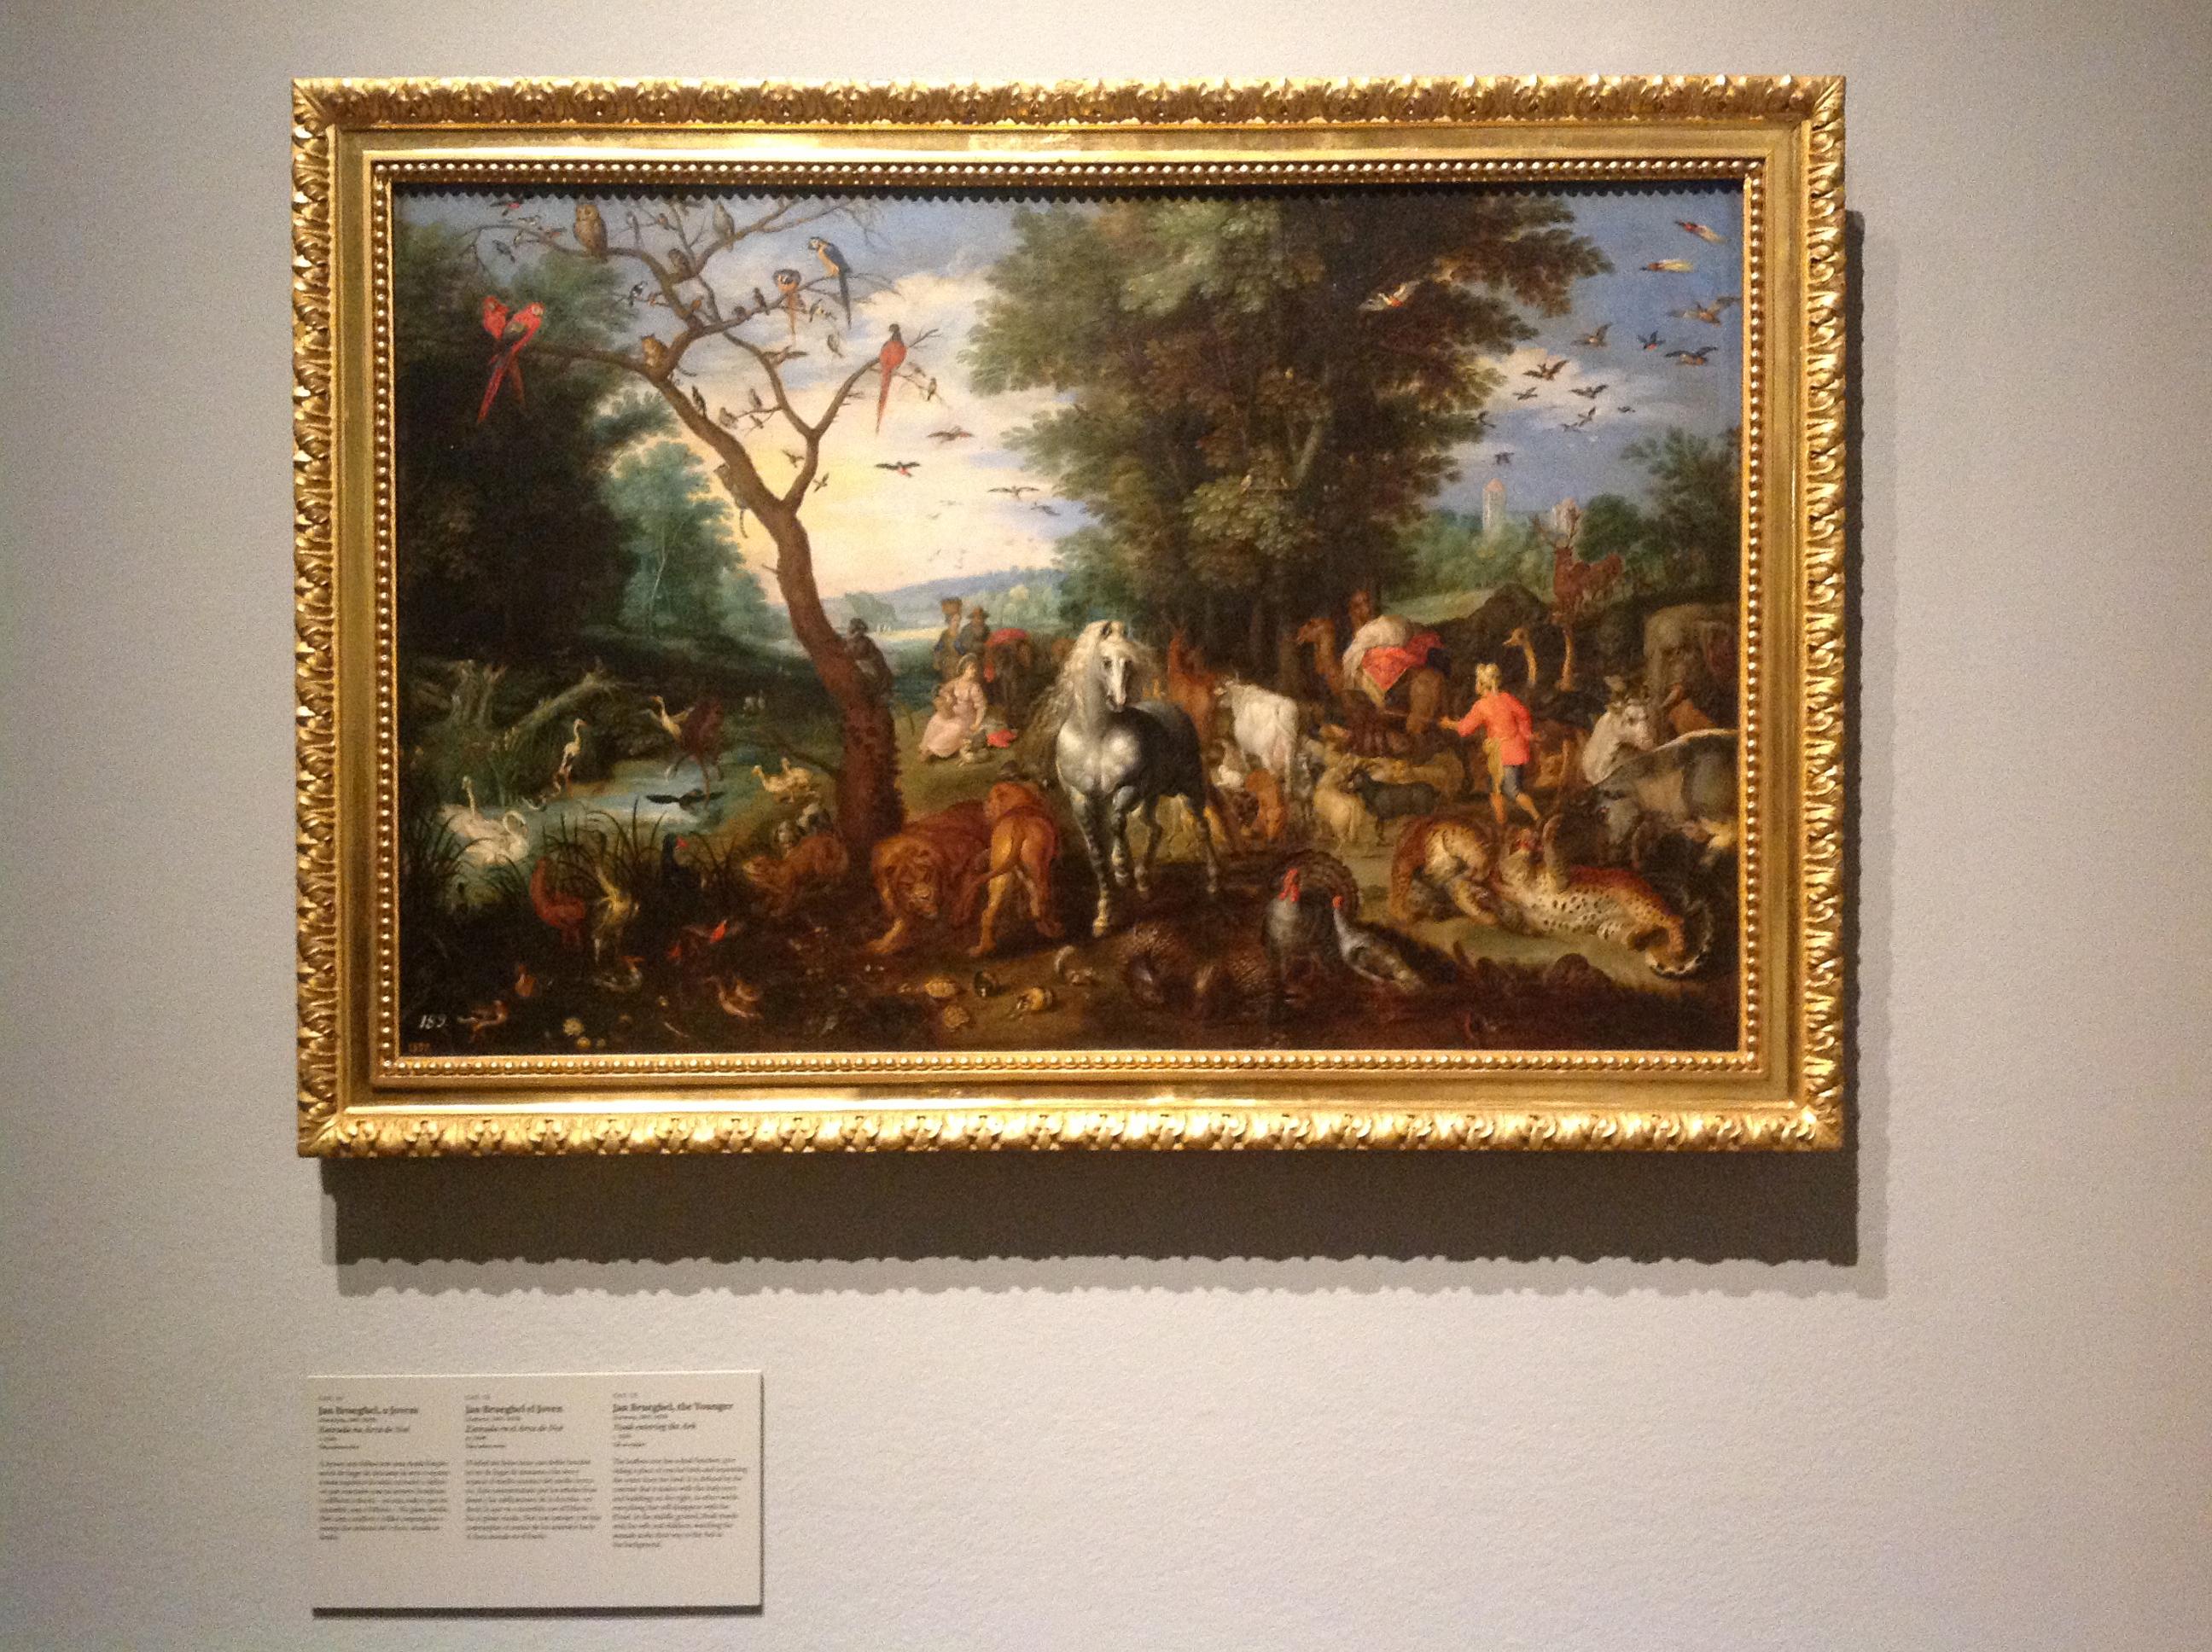 """Exposição """"Rubens, Brueghel, Lorrain"""": museografia Fotos: MIR, 2004"""